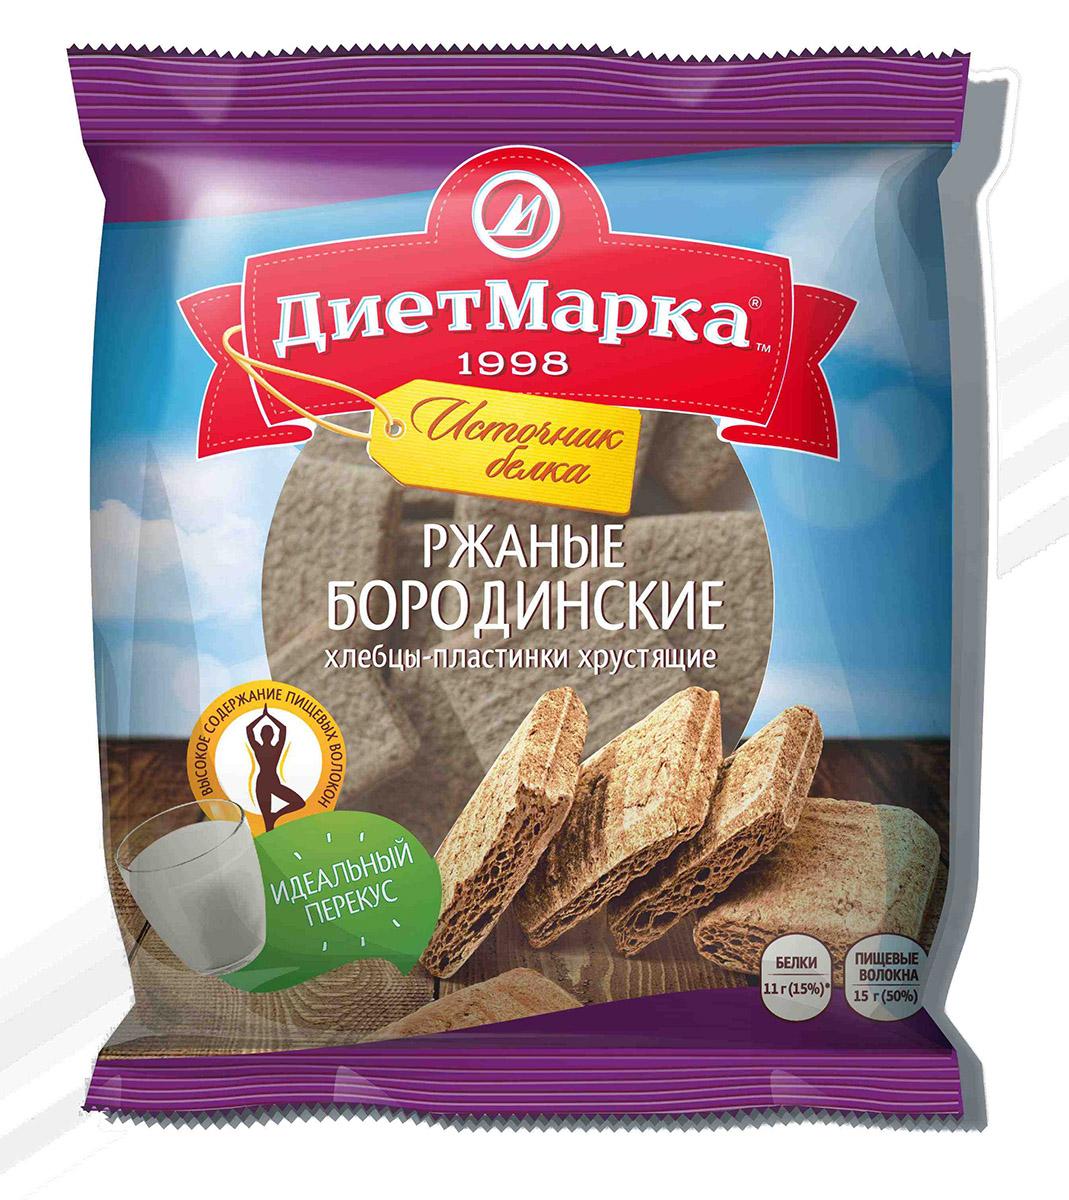 МИНИ Хлебцы-пластинки хрустящие, ржаные БОРОДИНСКИЕ, 75 гр, ДиетМарка фото